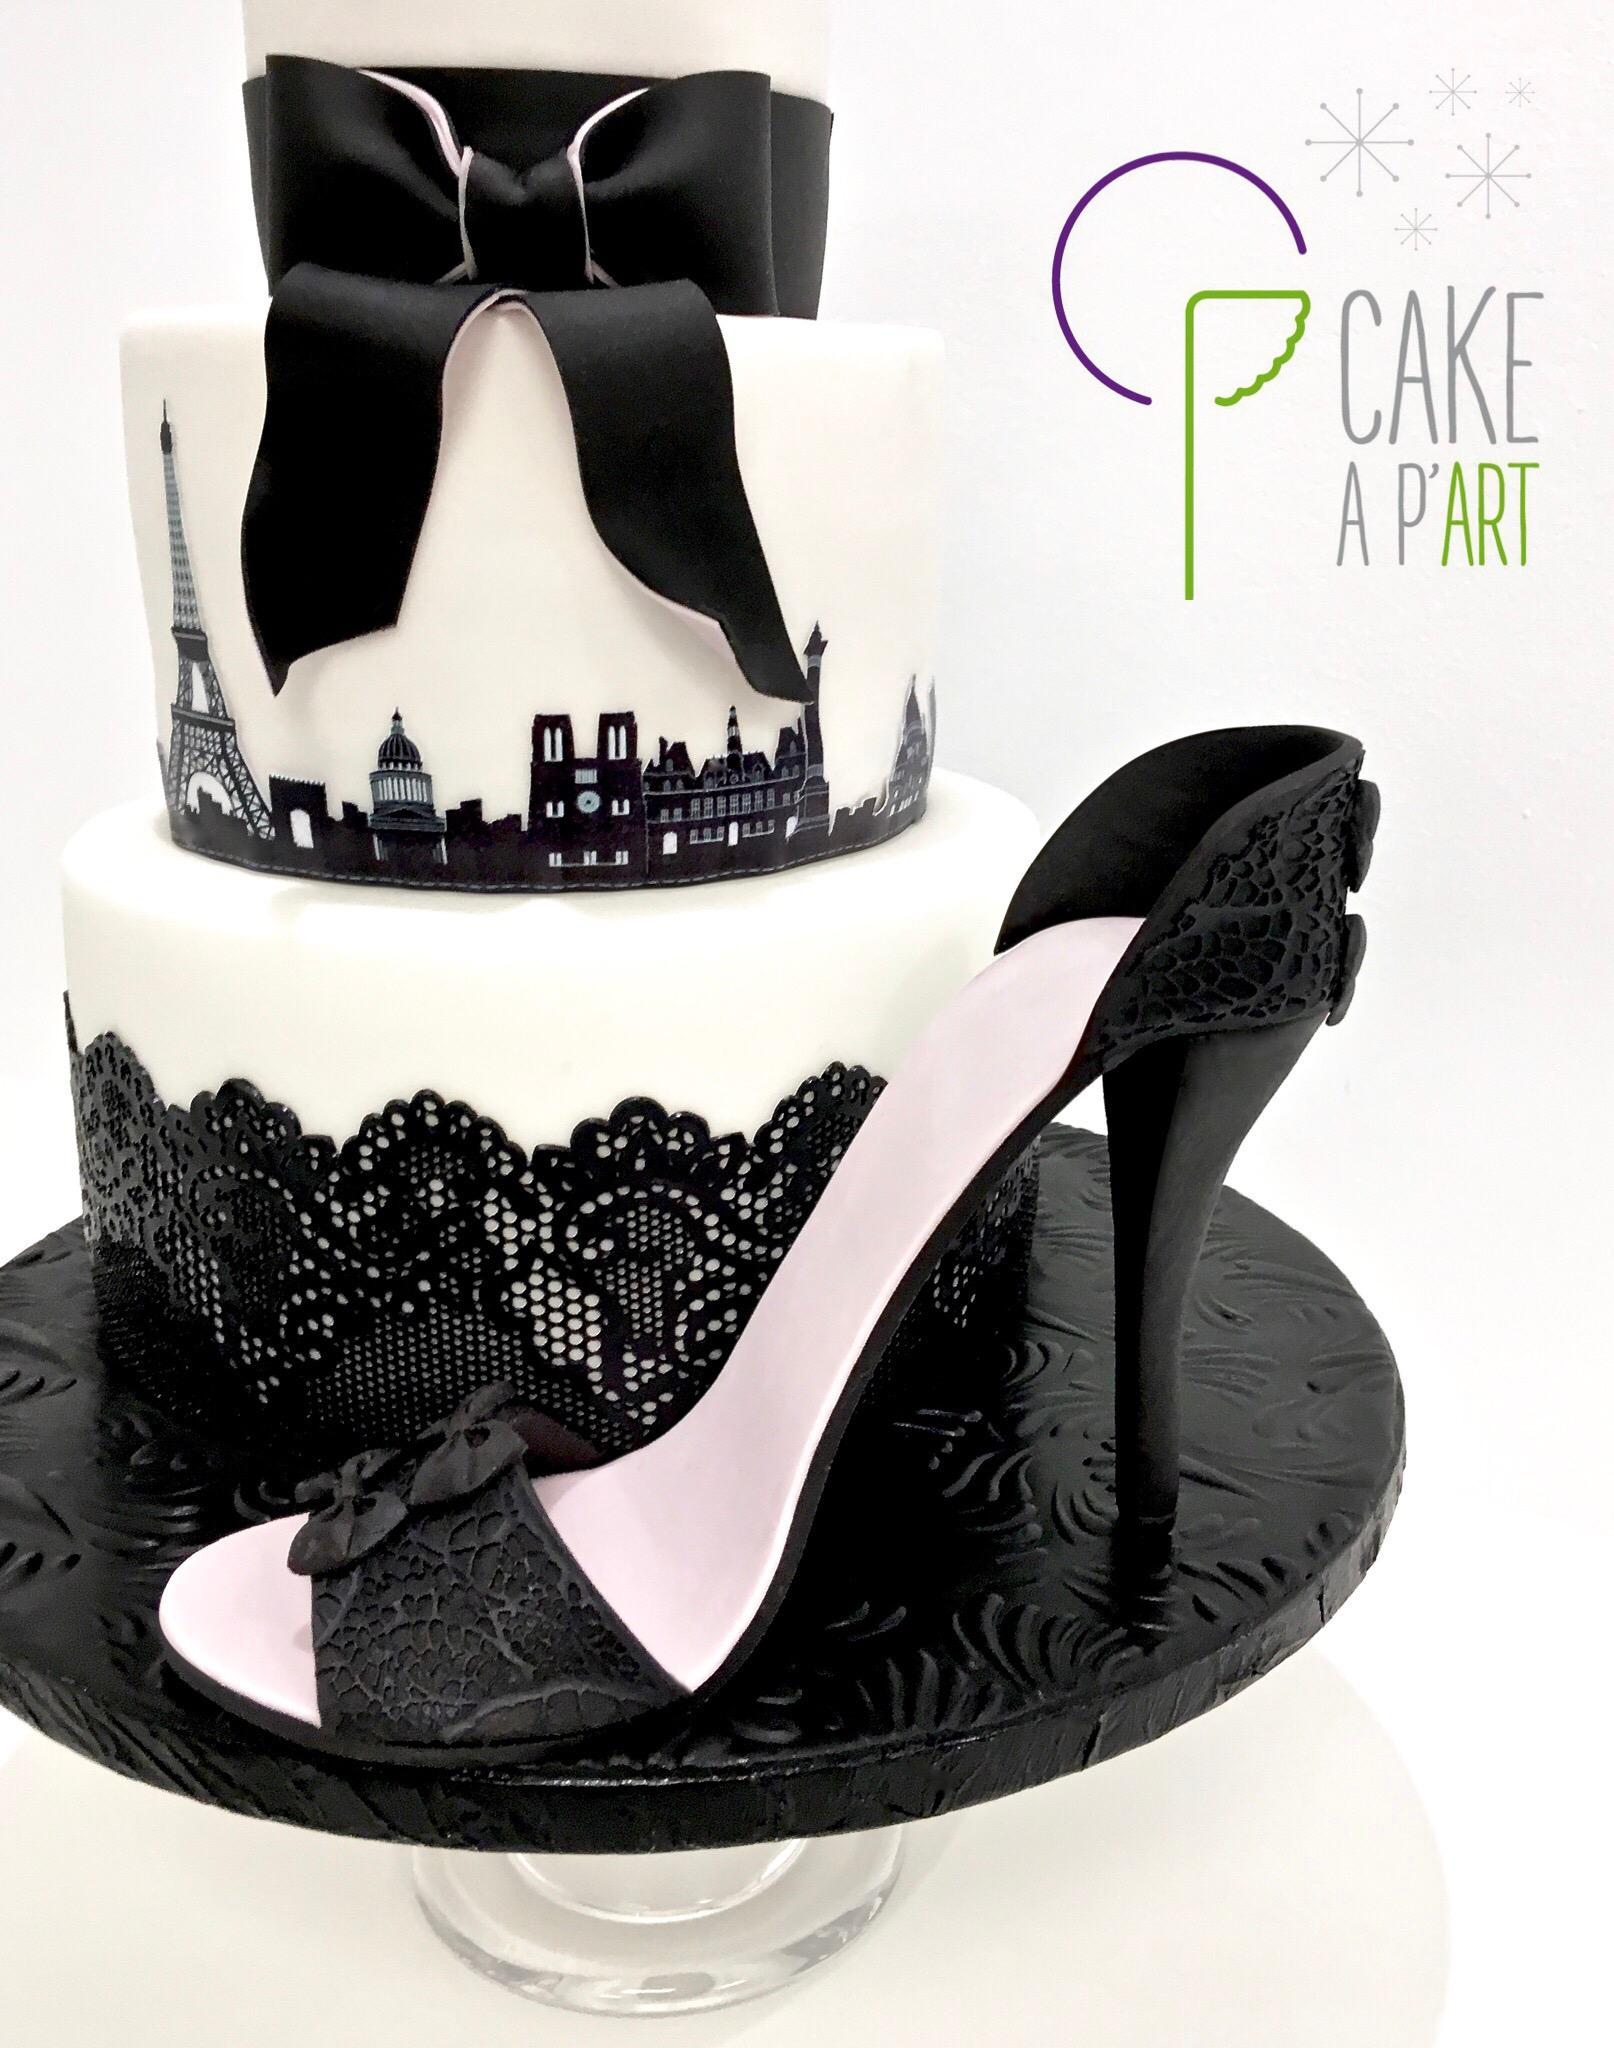 Décor modelage en sucre gâteaux personnalisés - Anniversaire Thème Paris et chaussure talon aiguille